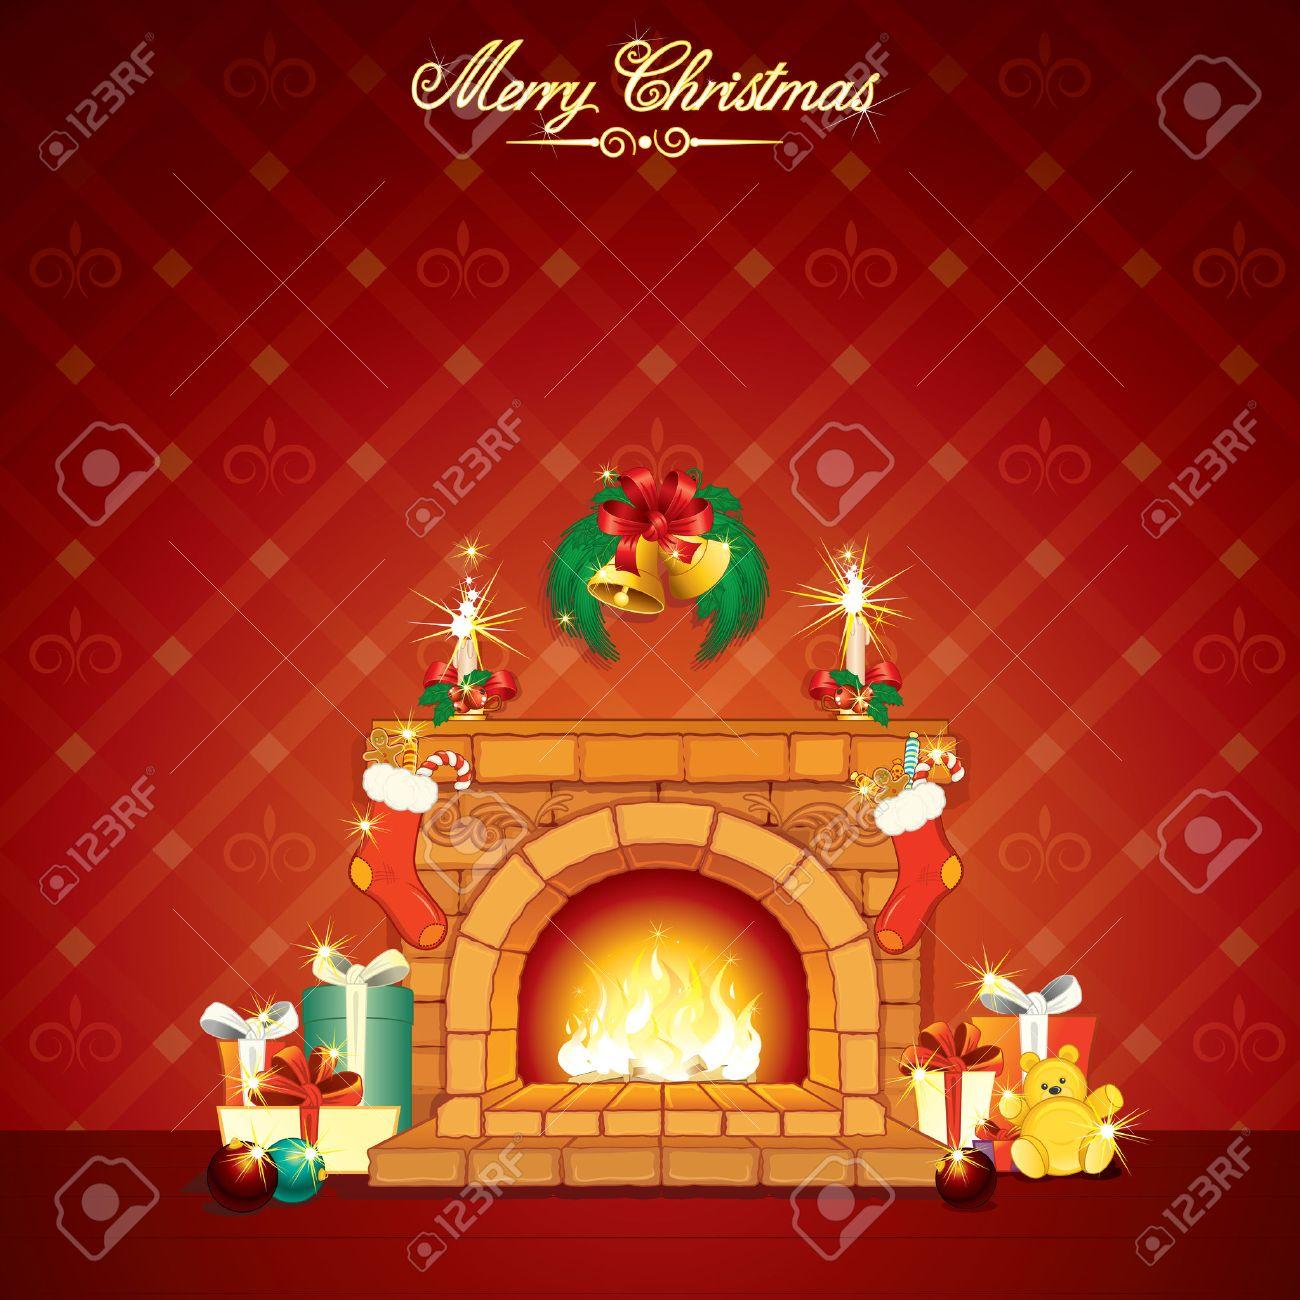 Maravilloso De Navidad De Dibujos Animados Interior Con Chimenea